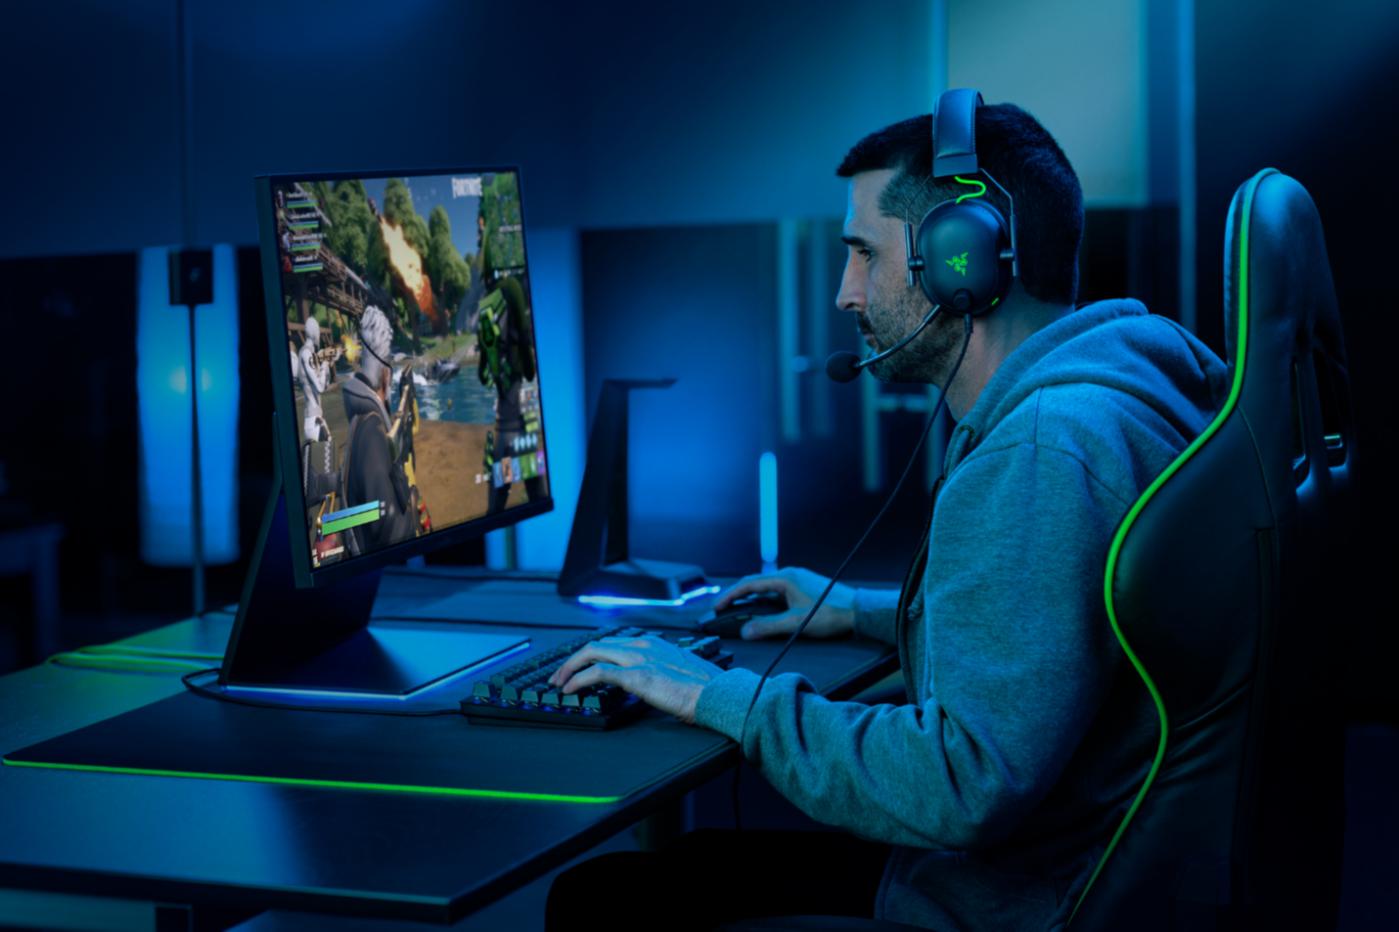 Auscultadores Razer Blackshark V2 anunciados